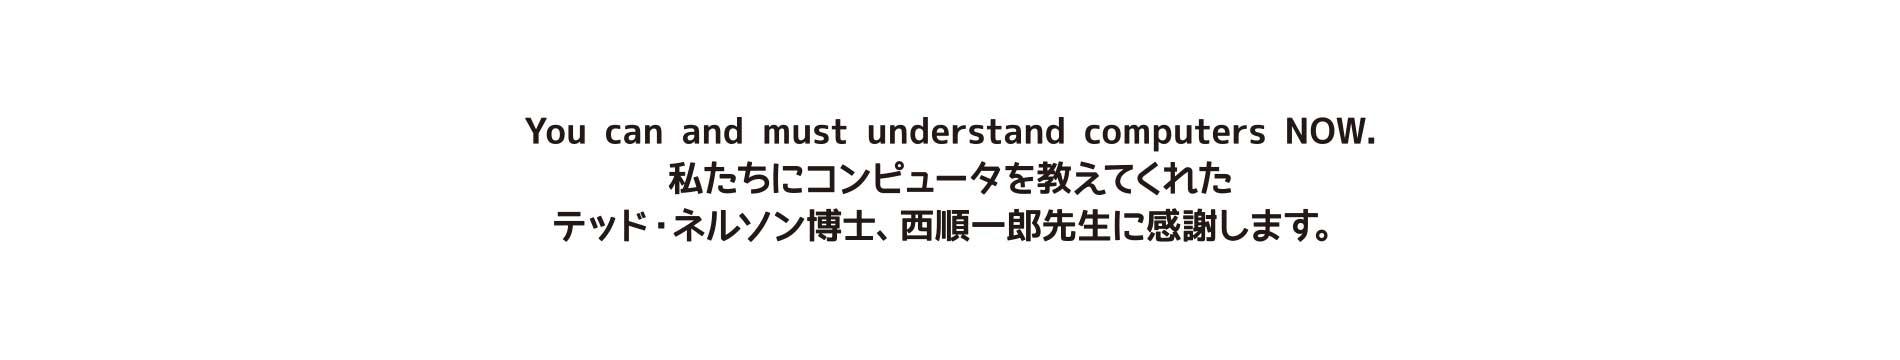 私たちにコンピュータを教えてくれたテッド・ネルソン博士と西順一郎先生に感謝します。